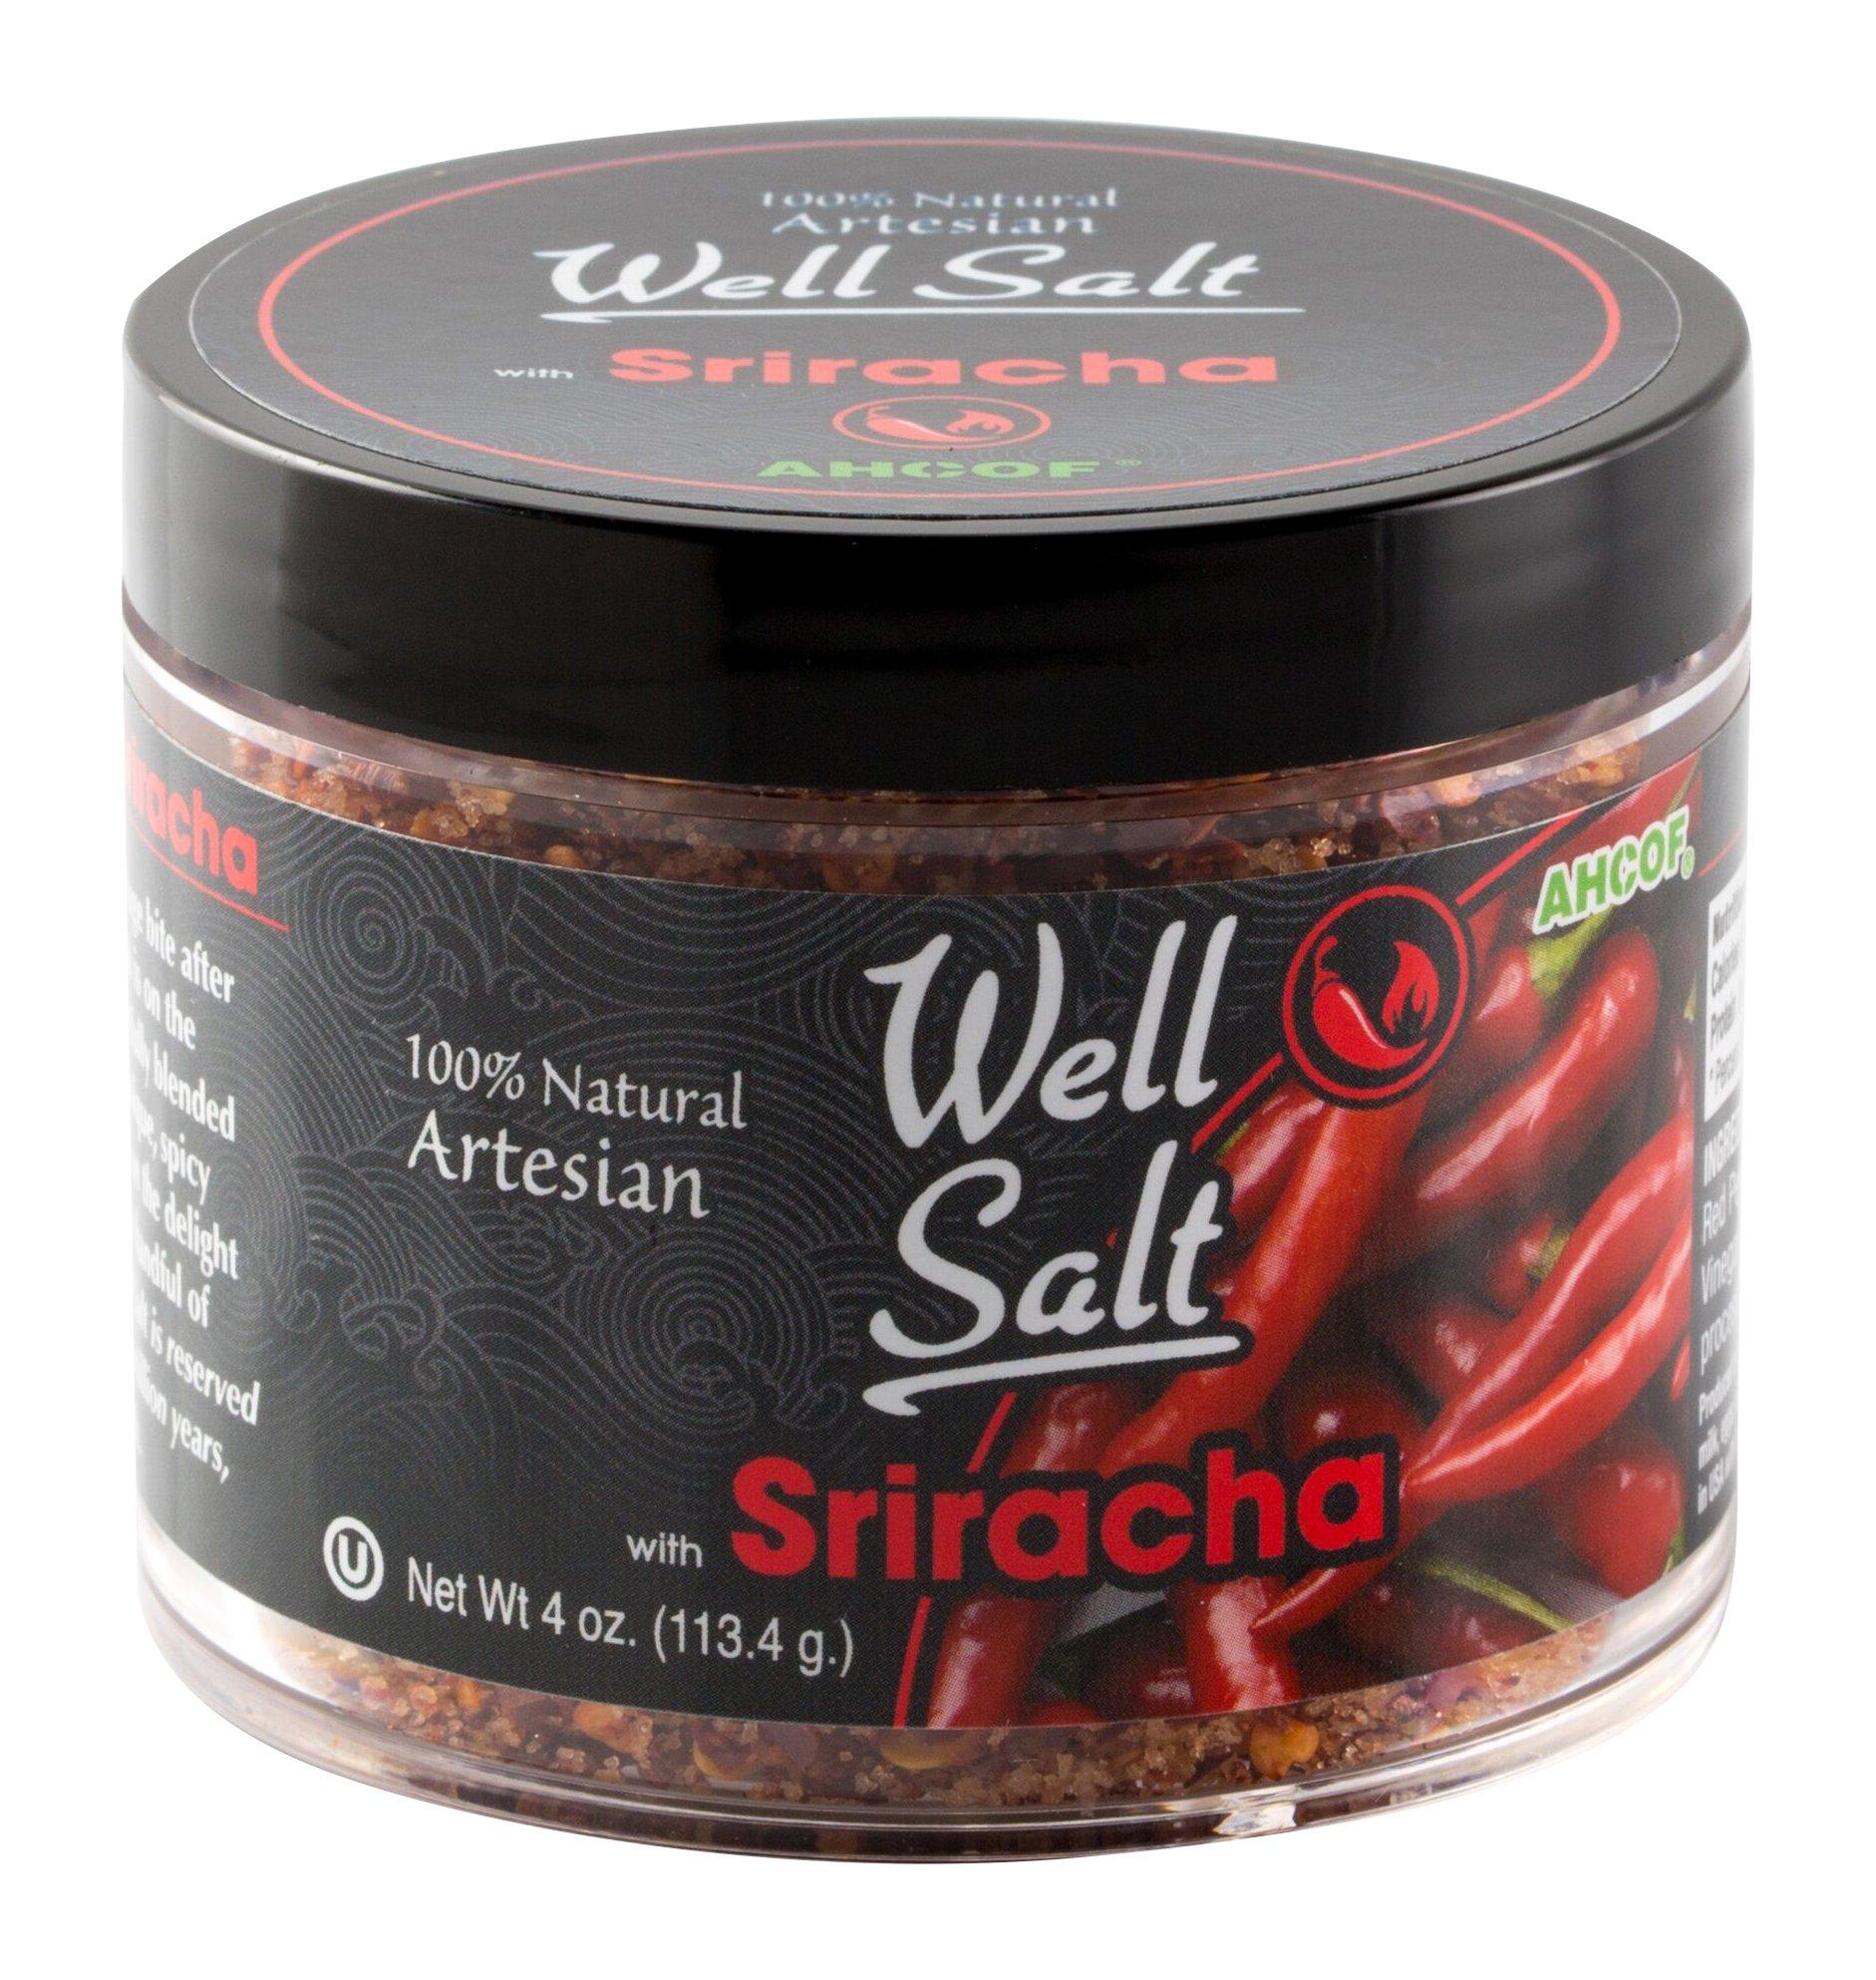 AHCO Foods 100% Natural Artesian Well Salt, Sriracha, 4 Ounce